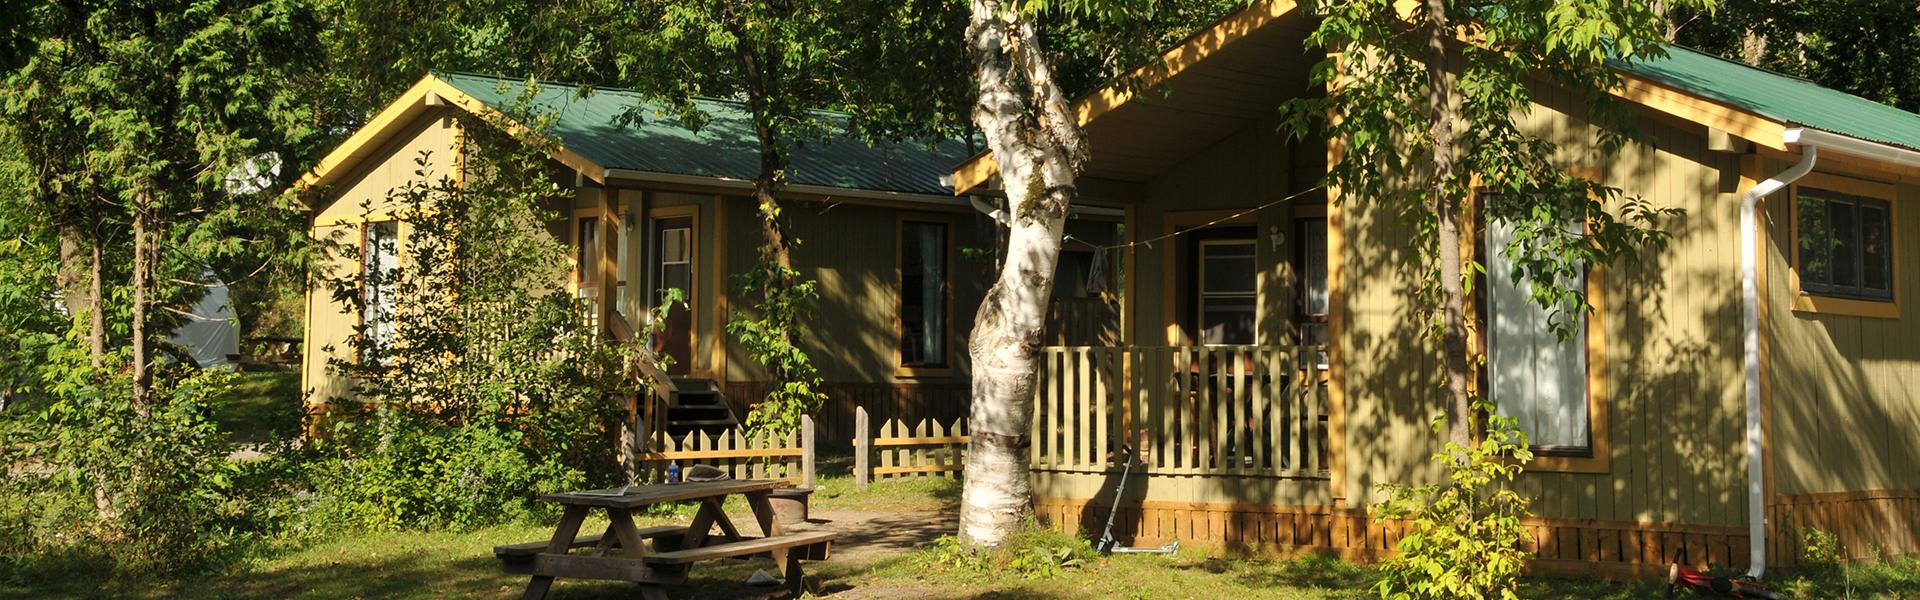 Camping Union - Camping Du Gouffre dans la région de Charlevoix